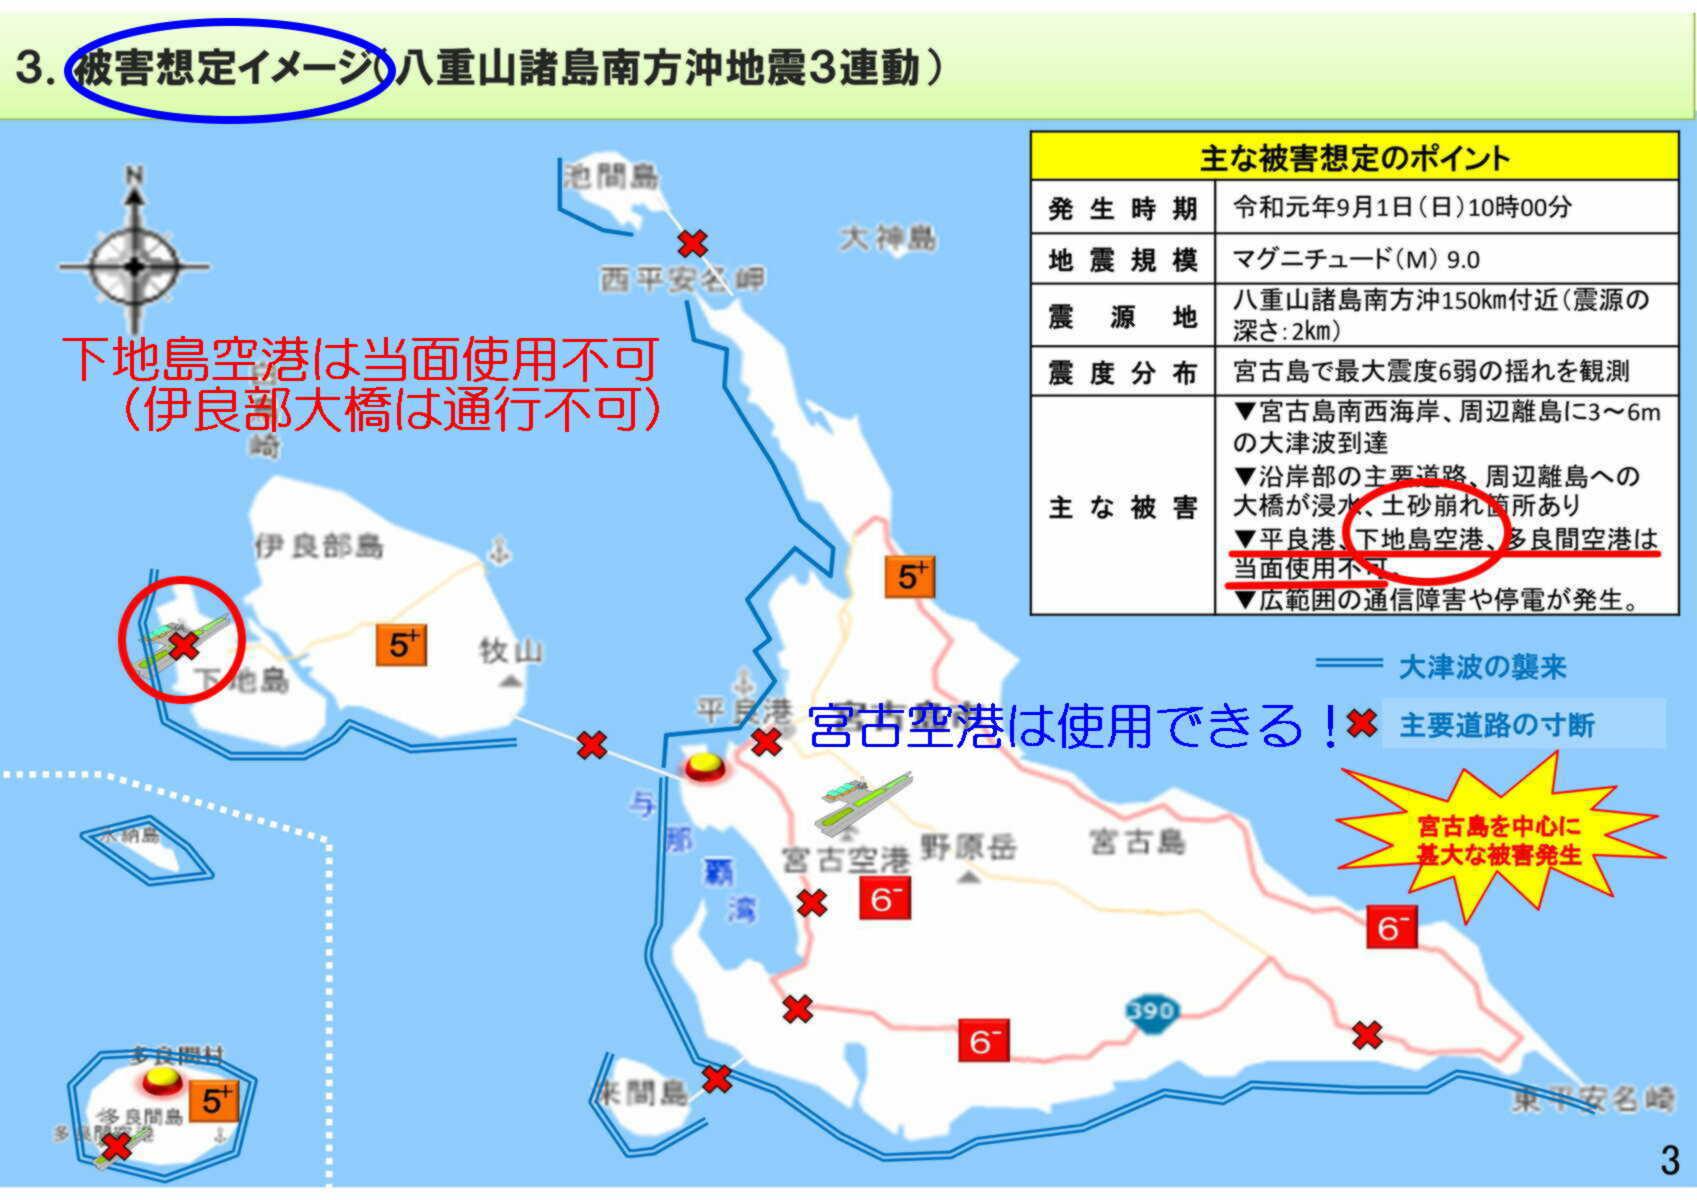 2019 0901県防災訓練実施計画概要0004a